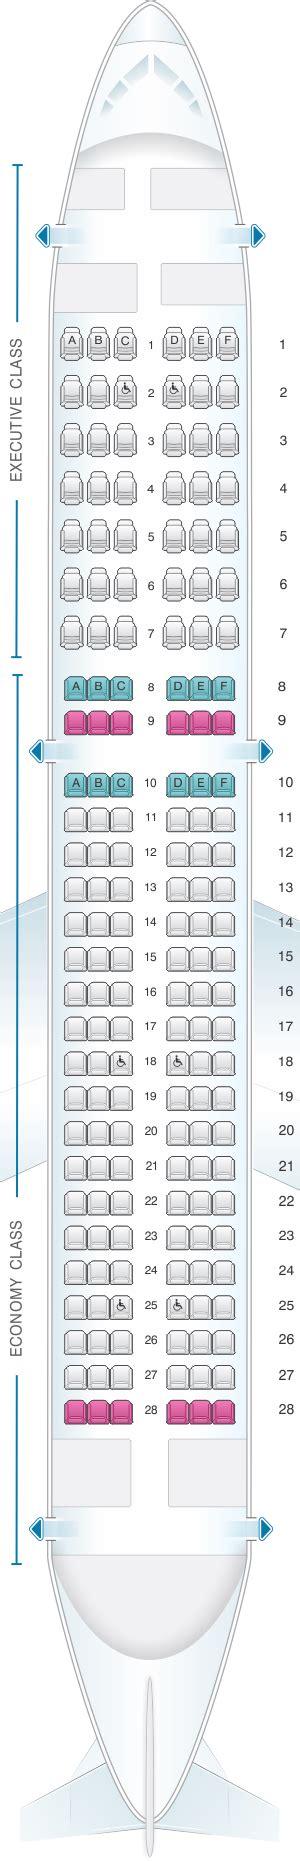 plan des sieges airbus a320 plan de cabine tap portugal airbus a320 seatmaestro fr